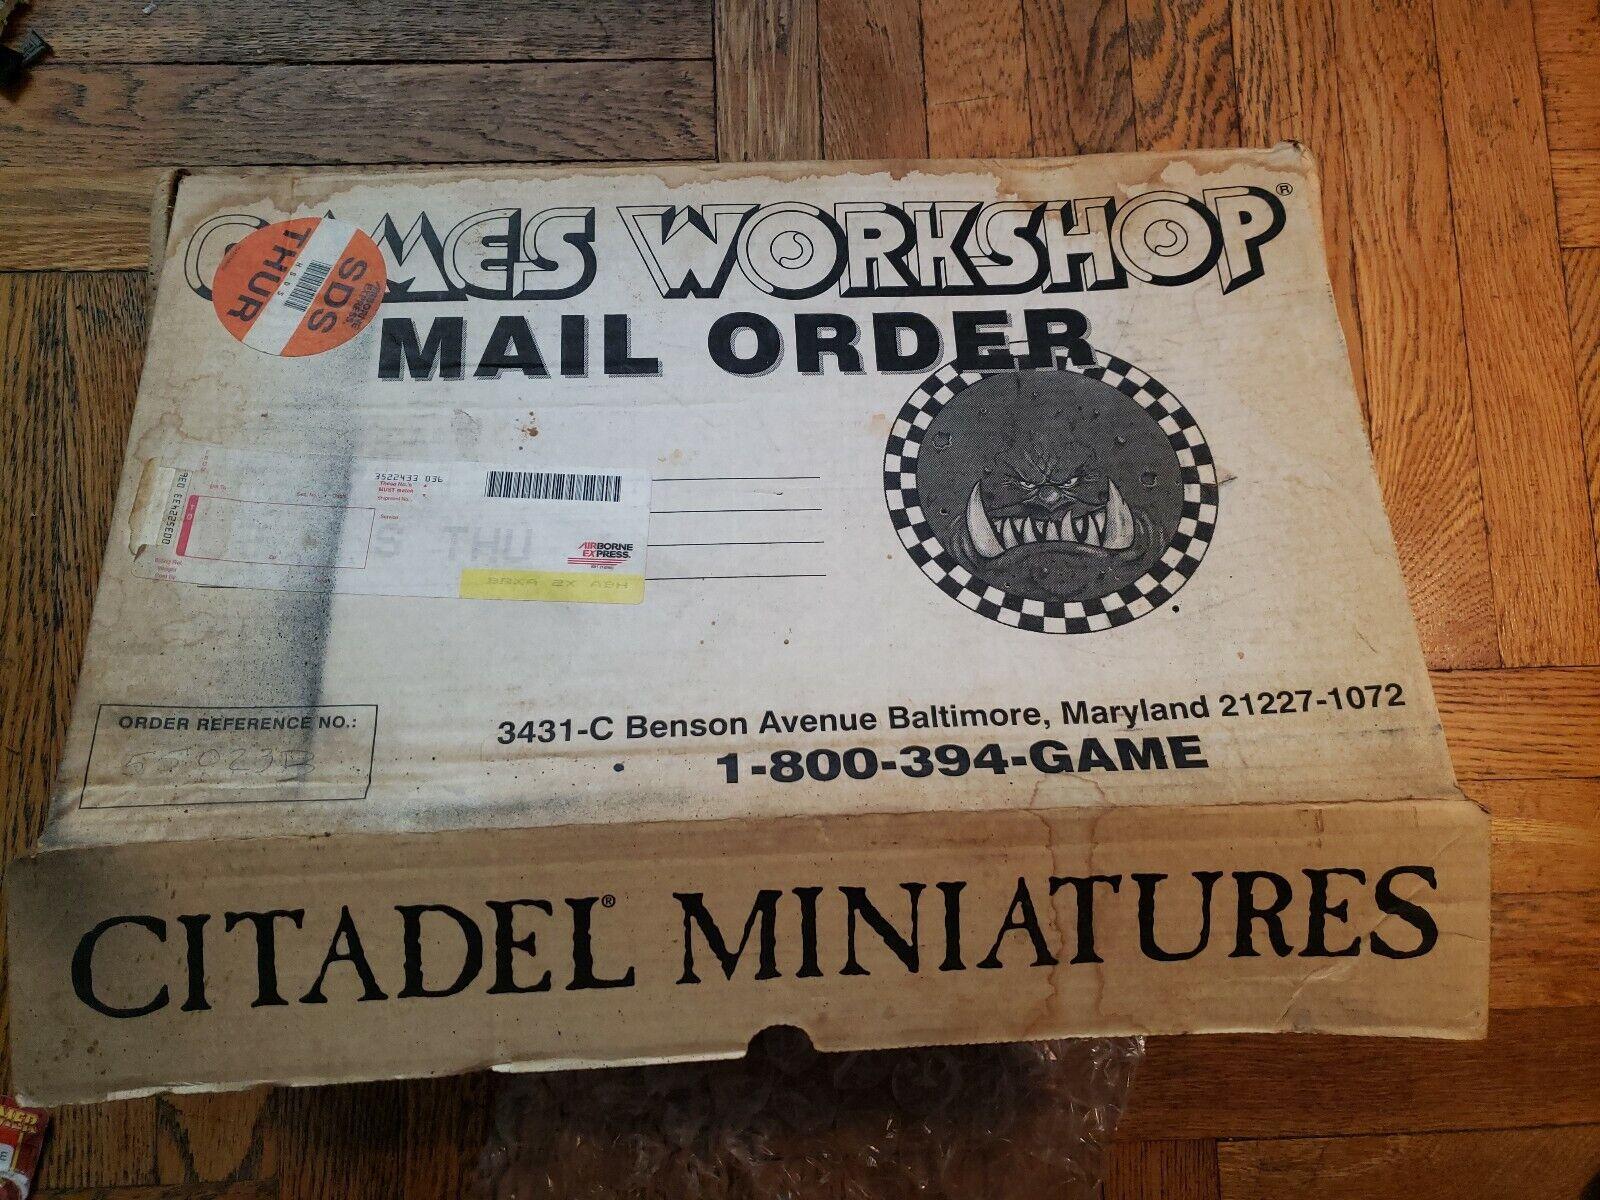 descuento de bajo precio Juegos Workshop Citadel Miniatures Warhammer Warhammer Warhammer tanques Set Plus Accesorios  saludable